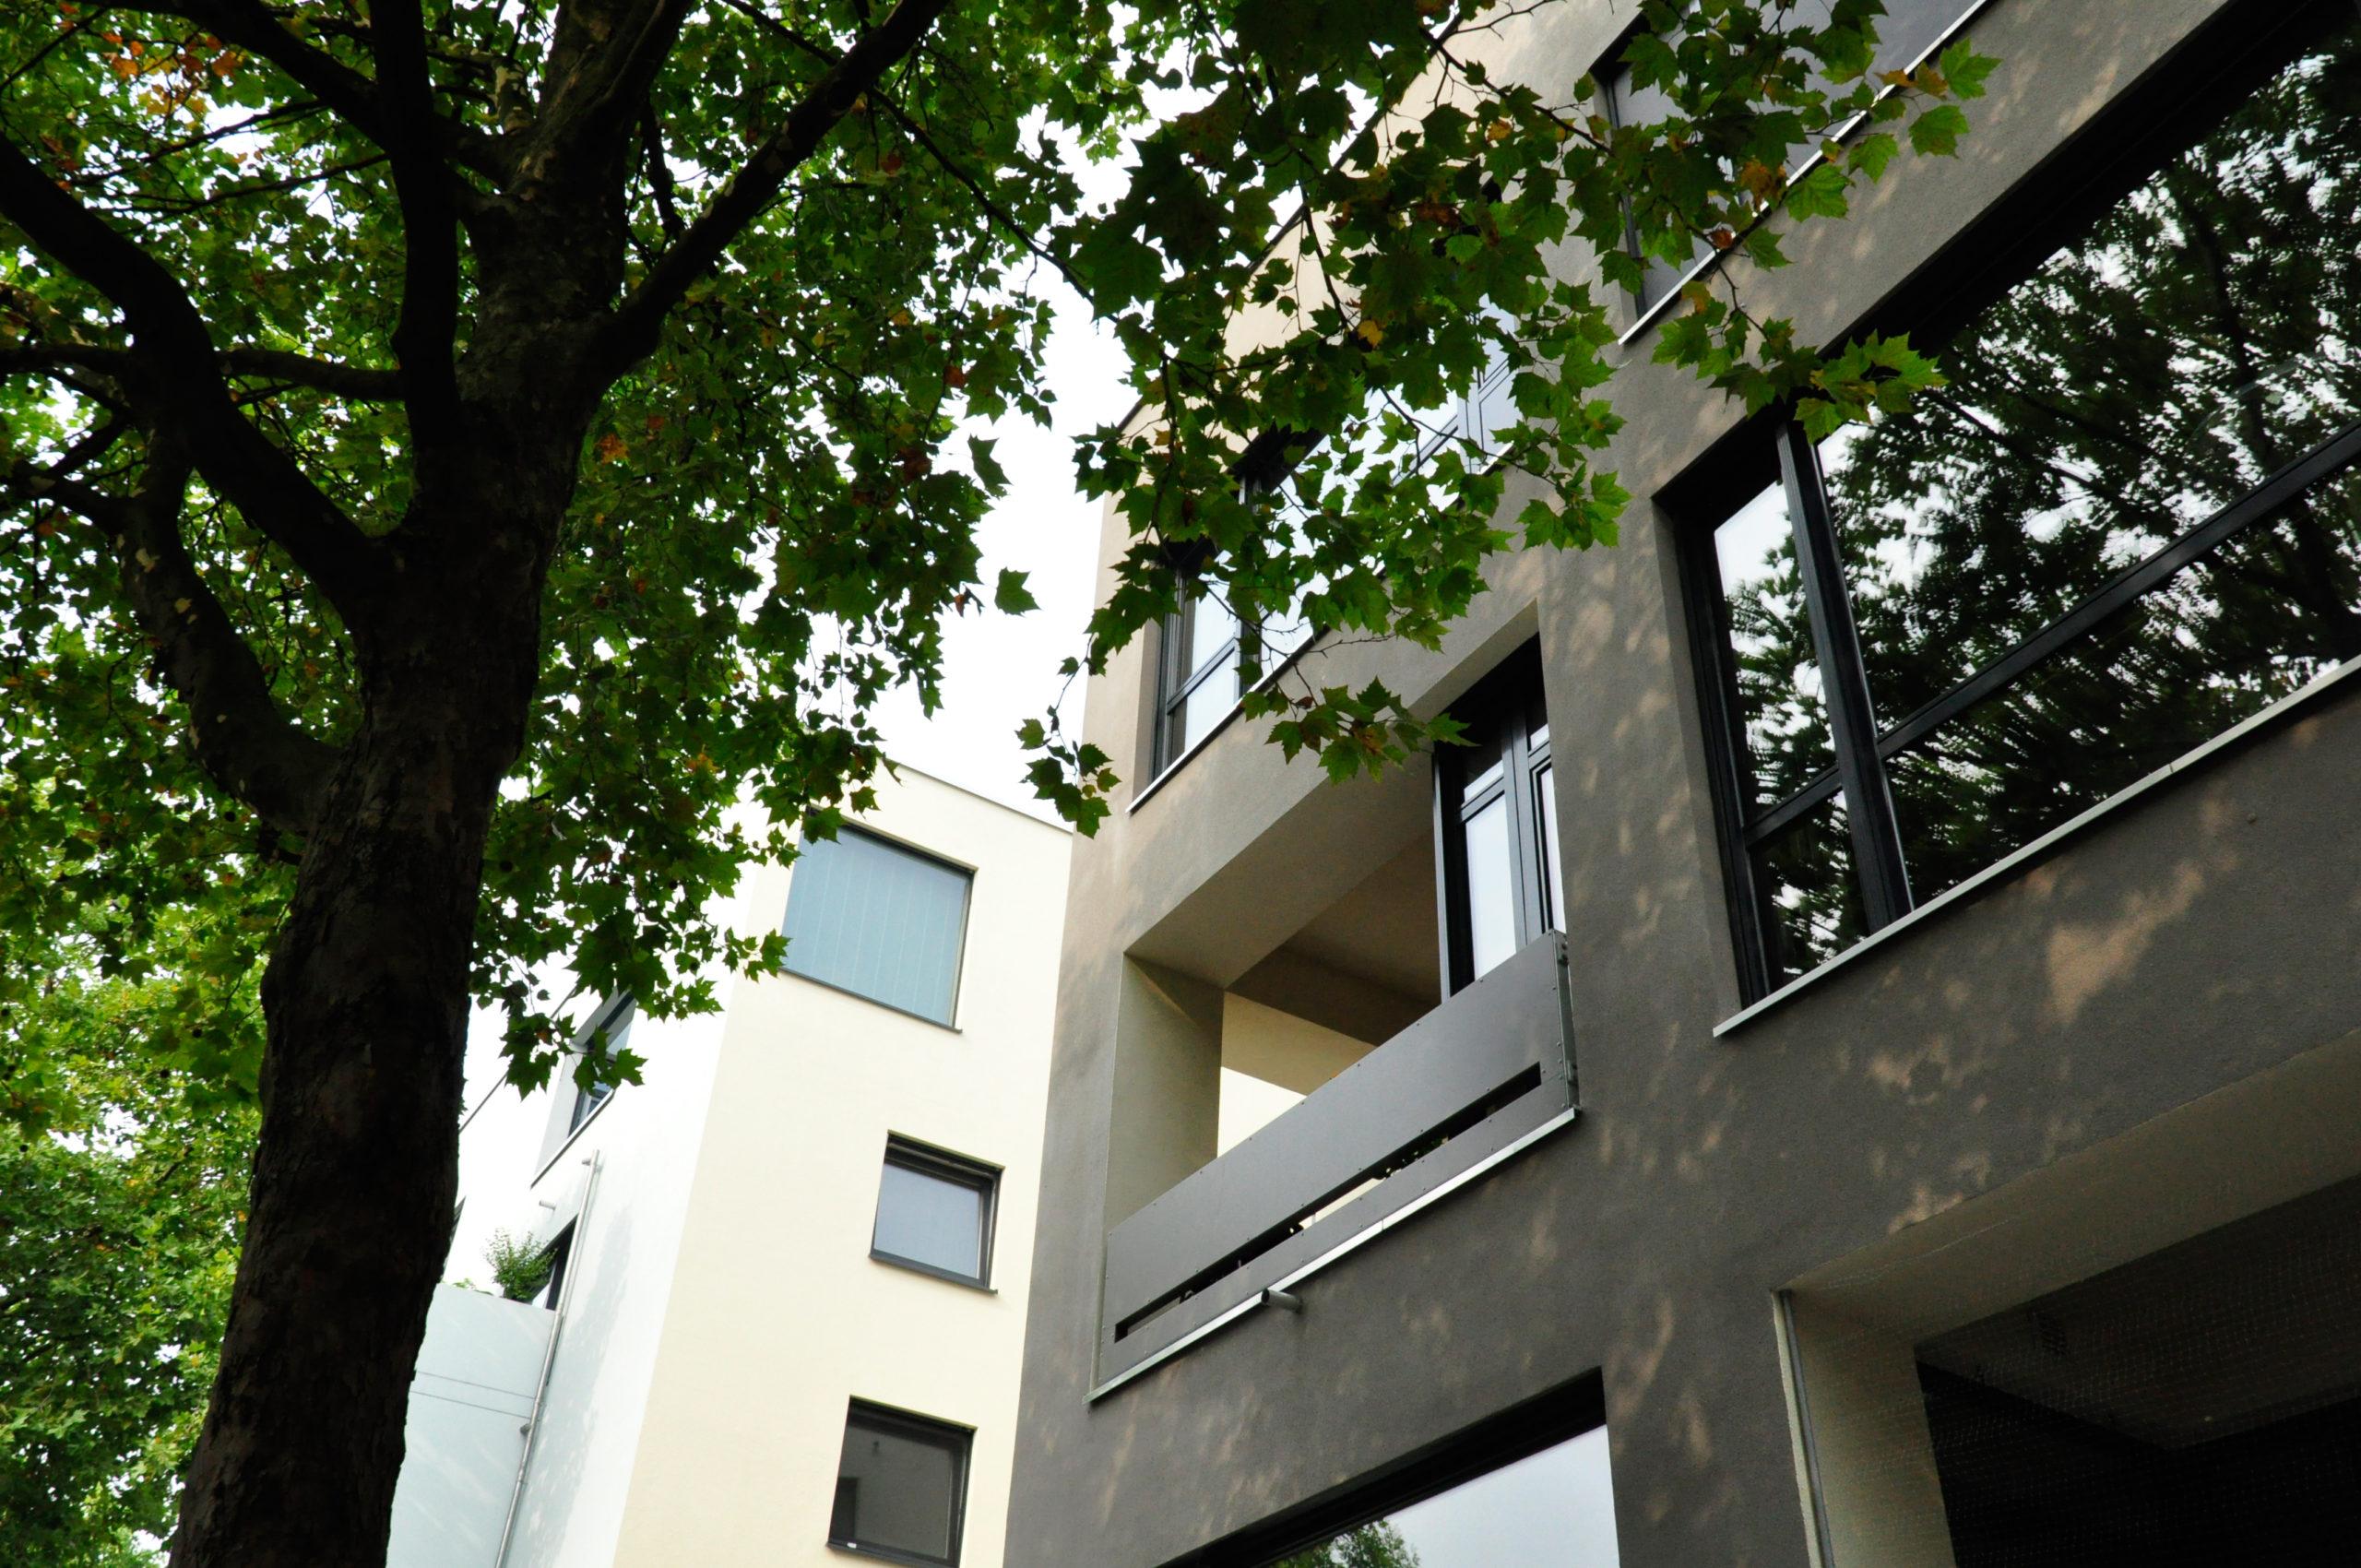 HSK76_SteinwegClausArchitekten_Molestina_Mehrfamilienhaus_Loft_Koeln_00007_Loggia